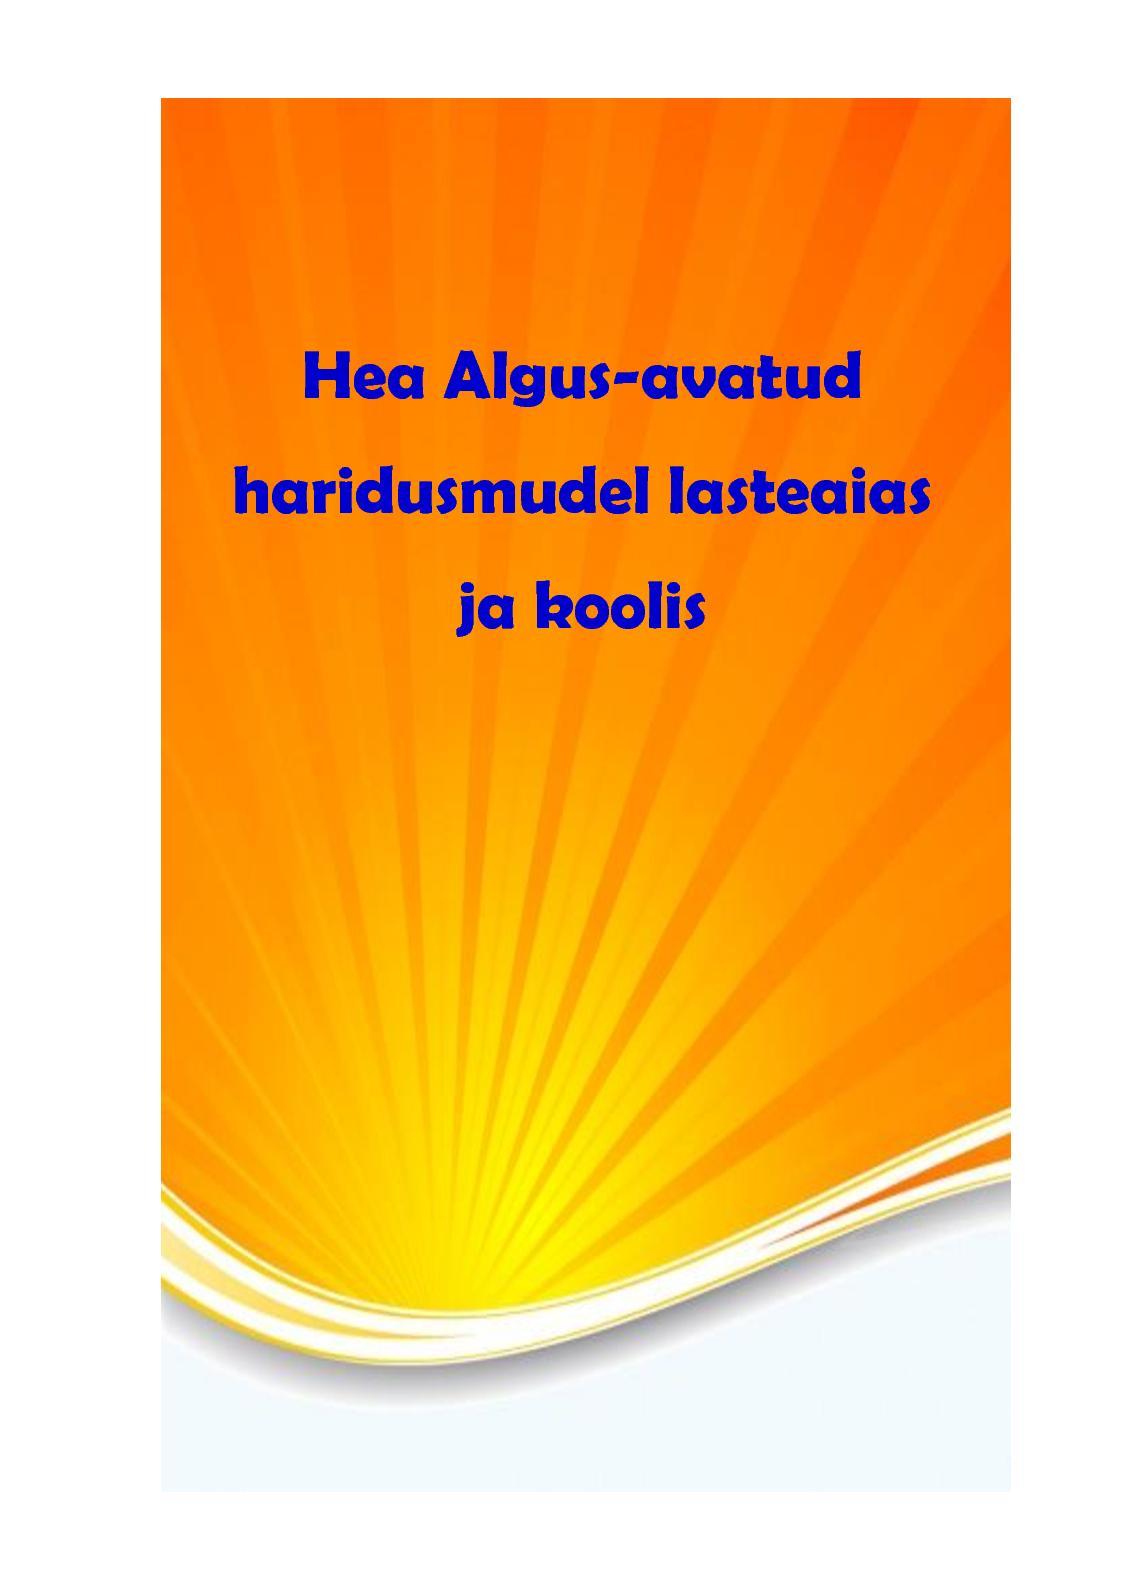 6240c106445 Calaméo - Raamat Ha Avatud Haridusmudel Lasteaias Ja Koolis